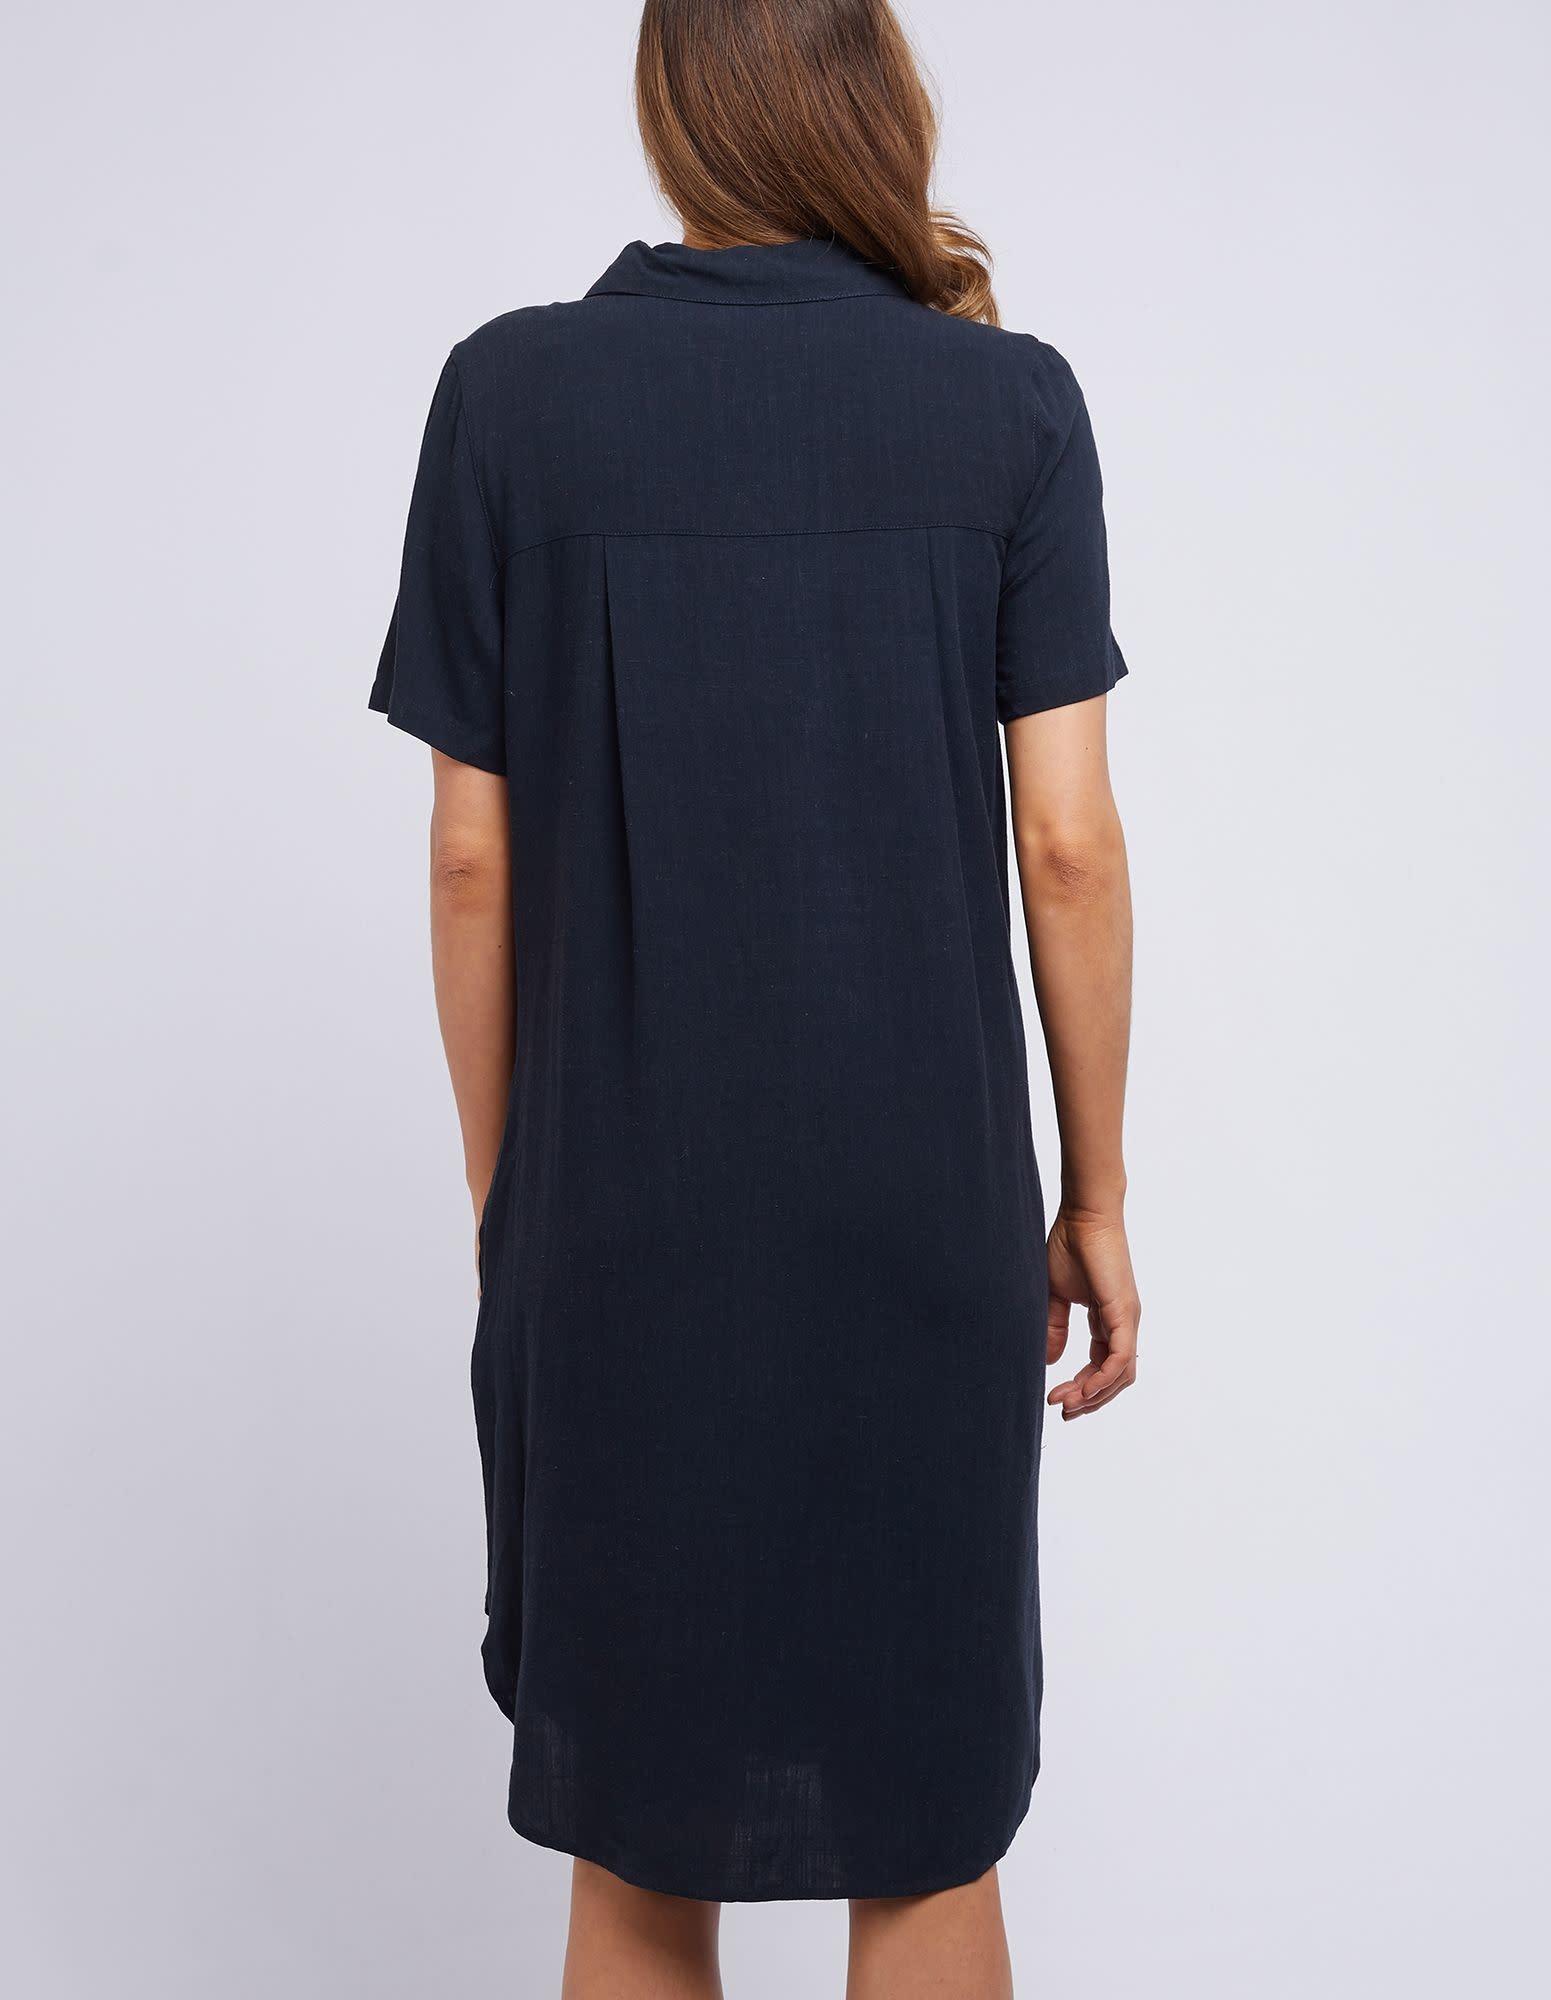 Foxwood Lucky Dress